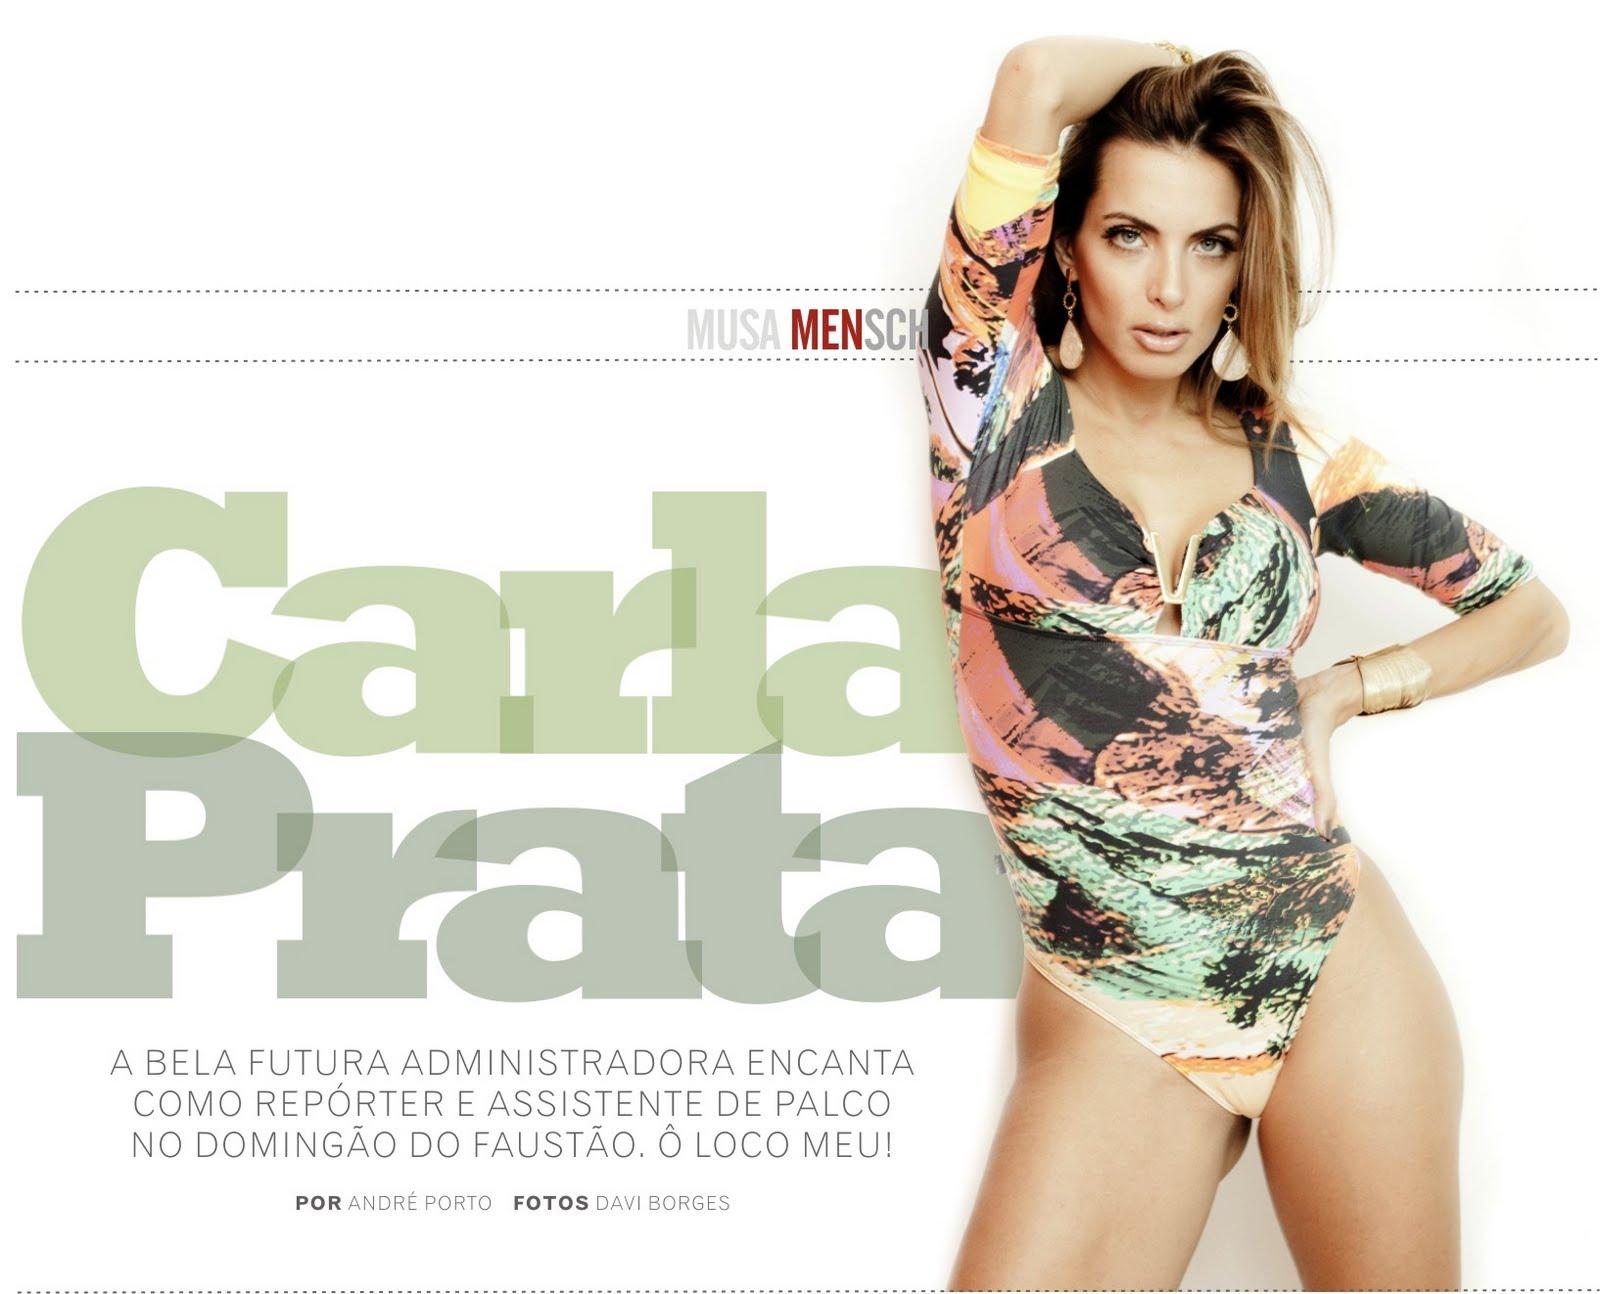 http://4.bp.blogspot.com/-pmobBDZnm7I/Ti8rwDI0N_I/AAAAAAAACew/xppQLGQtARs/s1600/Musa+MENSCH+carla+prata+01.jpg